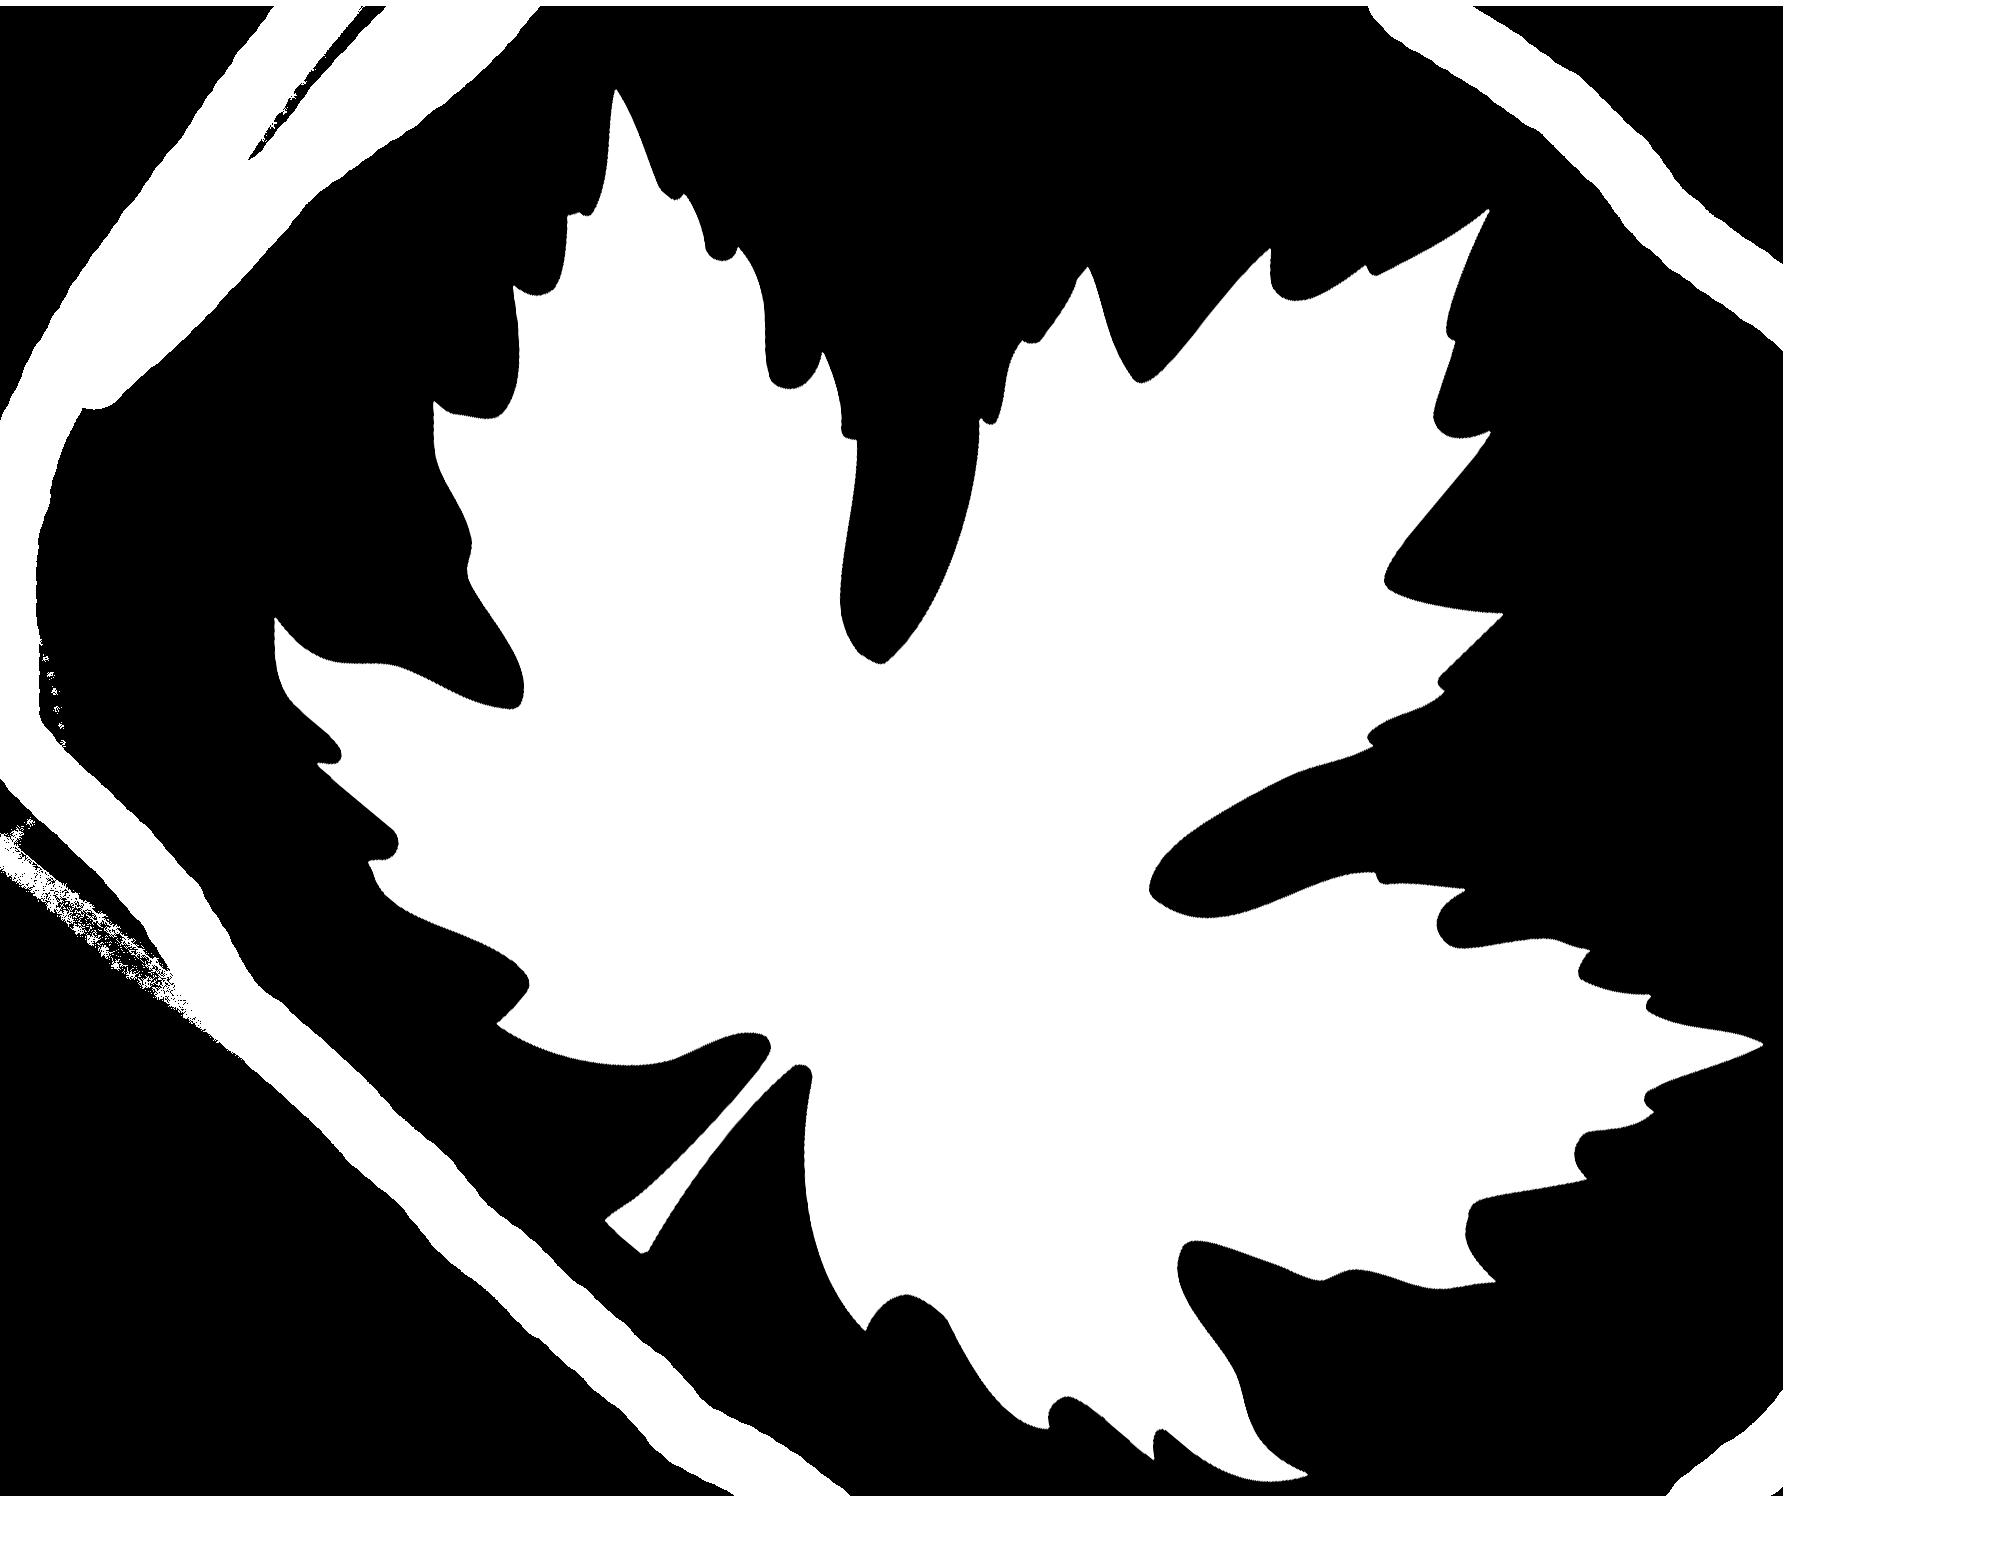 Herbstblaetter vorlagen 4 ausmalbilder vorlagen pinterest bl tter vorlagen und ausmalen - Herbstblatter deko ...